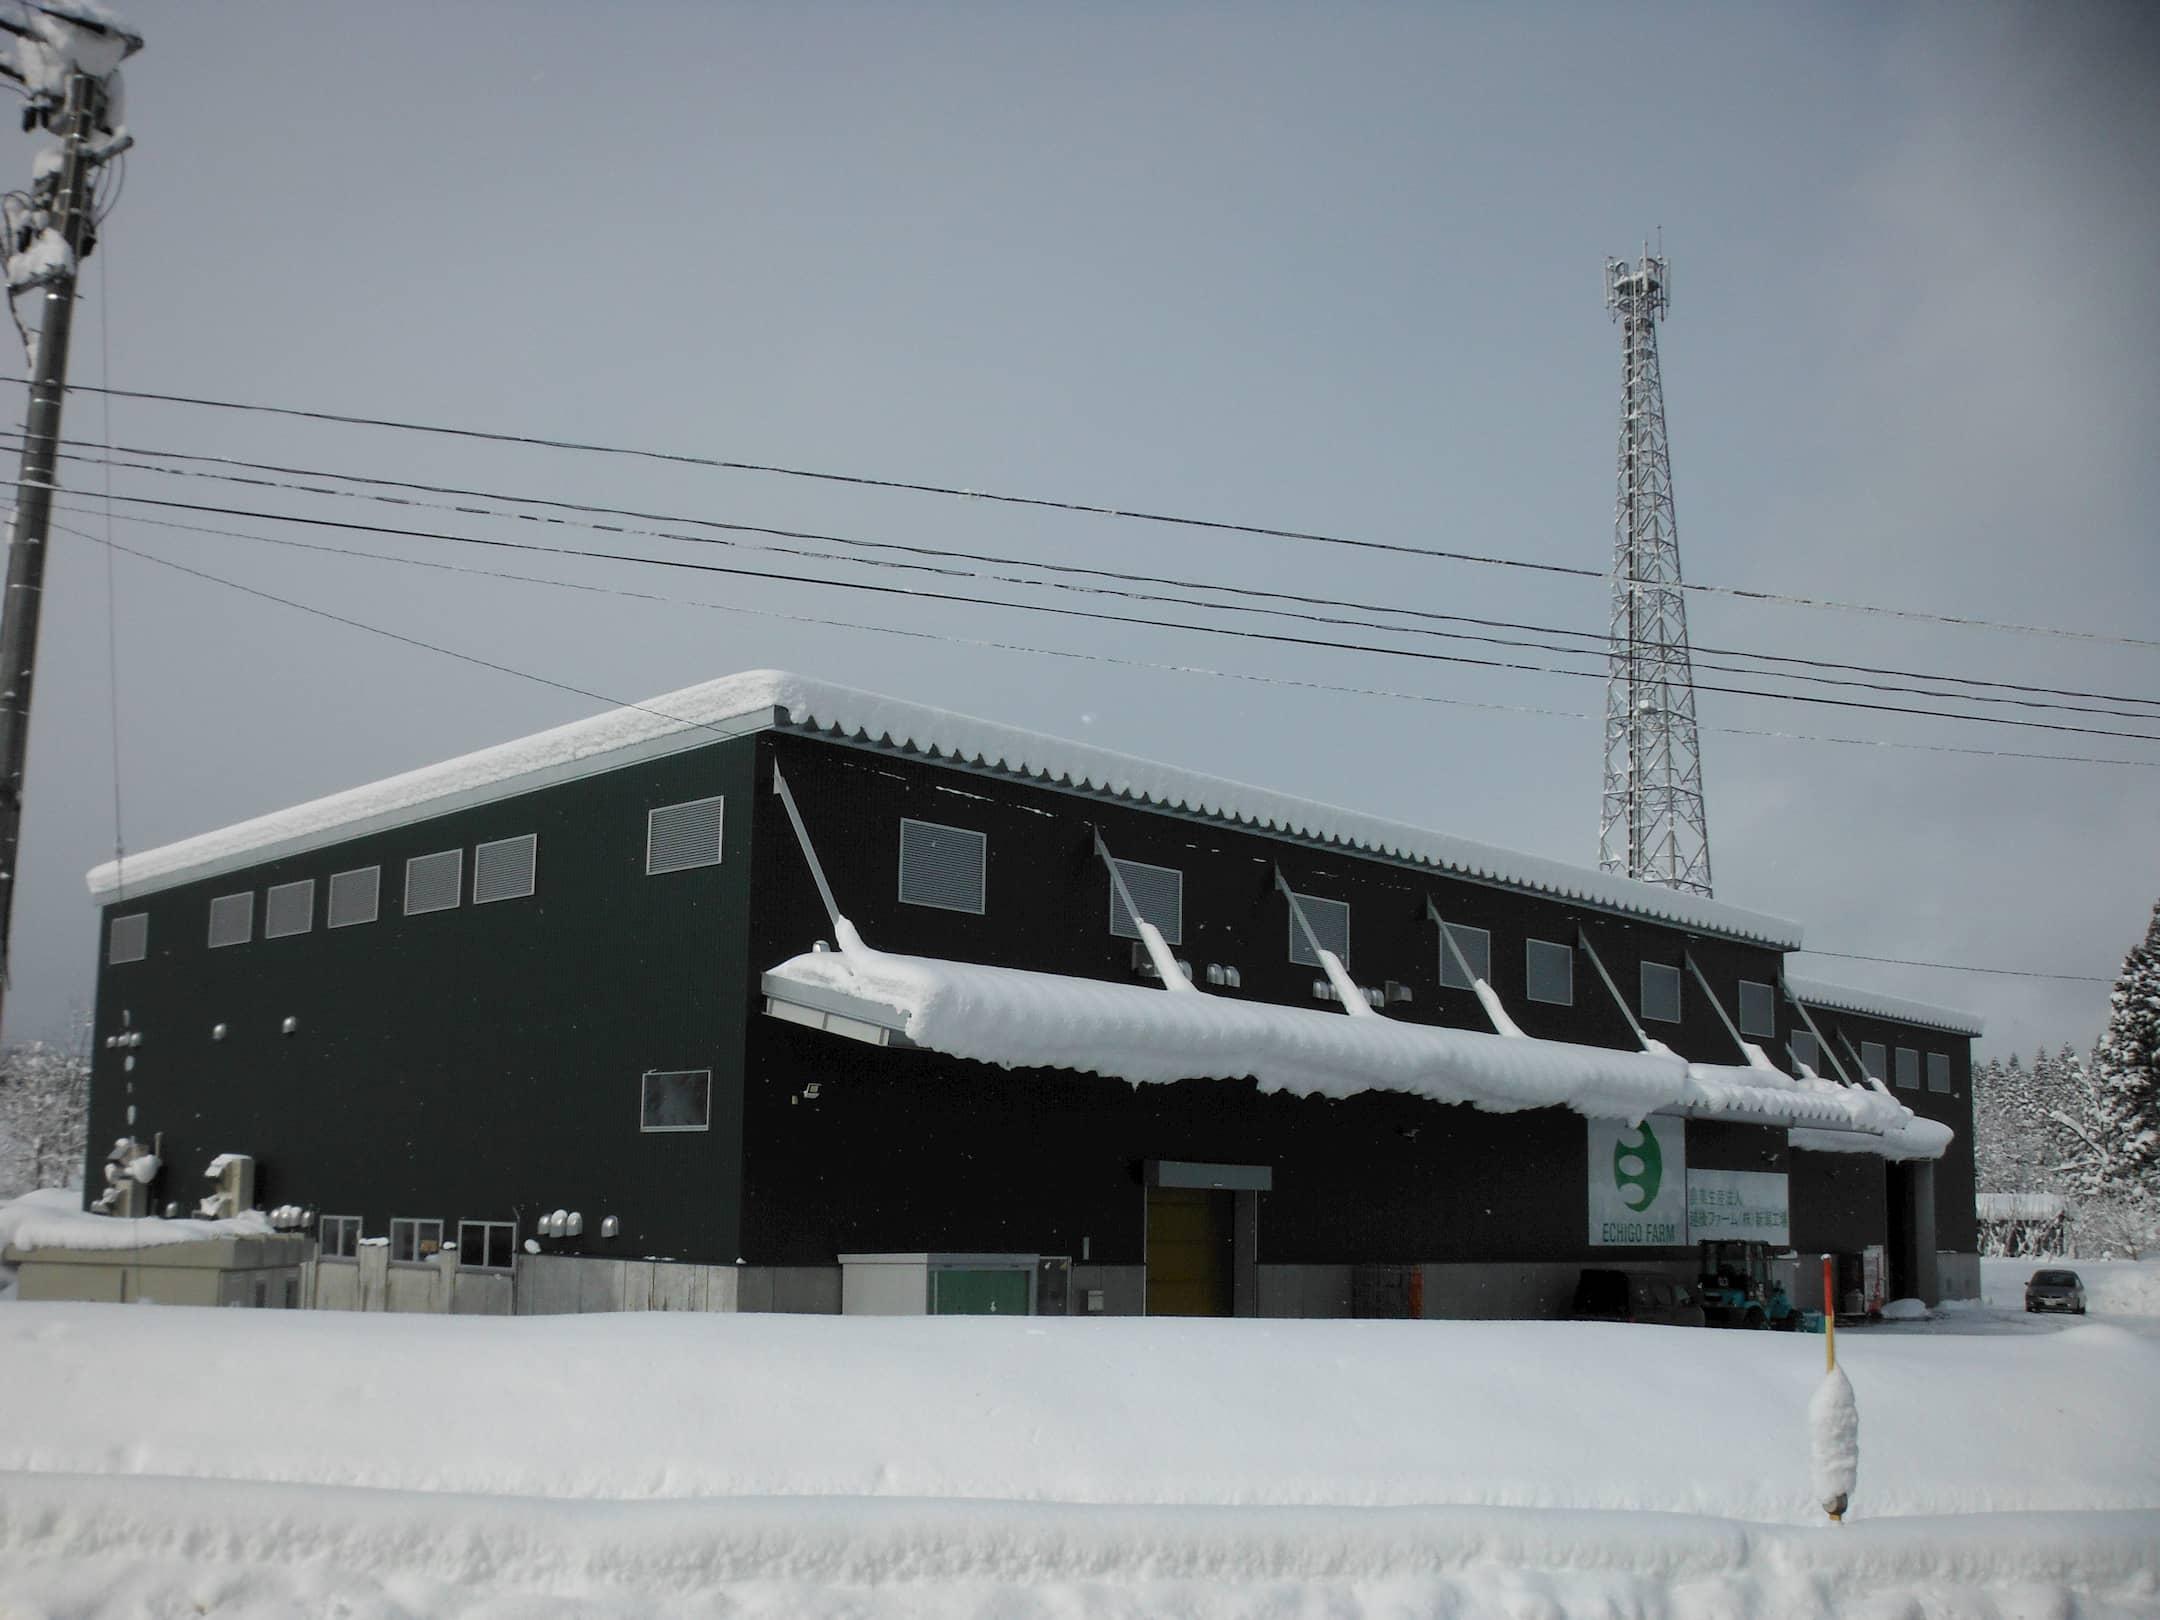 農業生産法人越後ファーム株式会社<br>利雪型米貯蔵庫新築